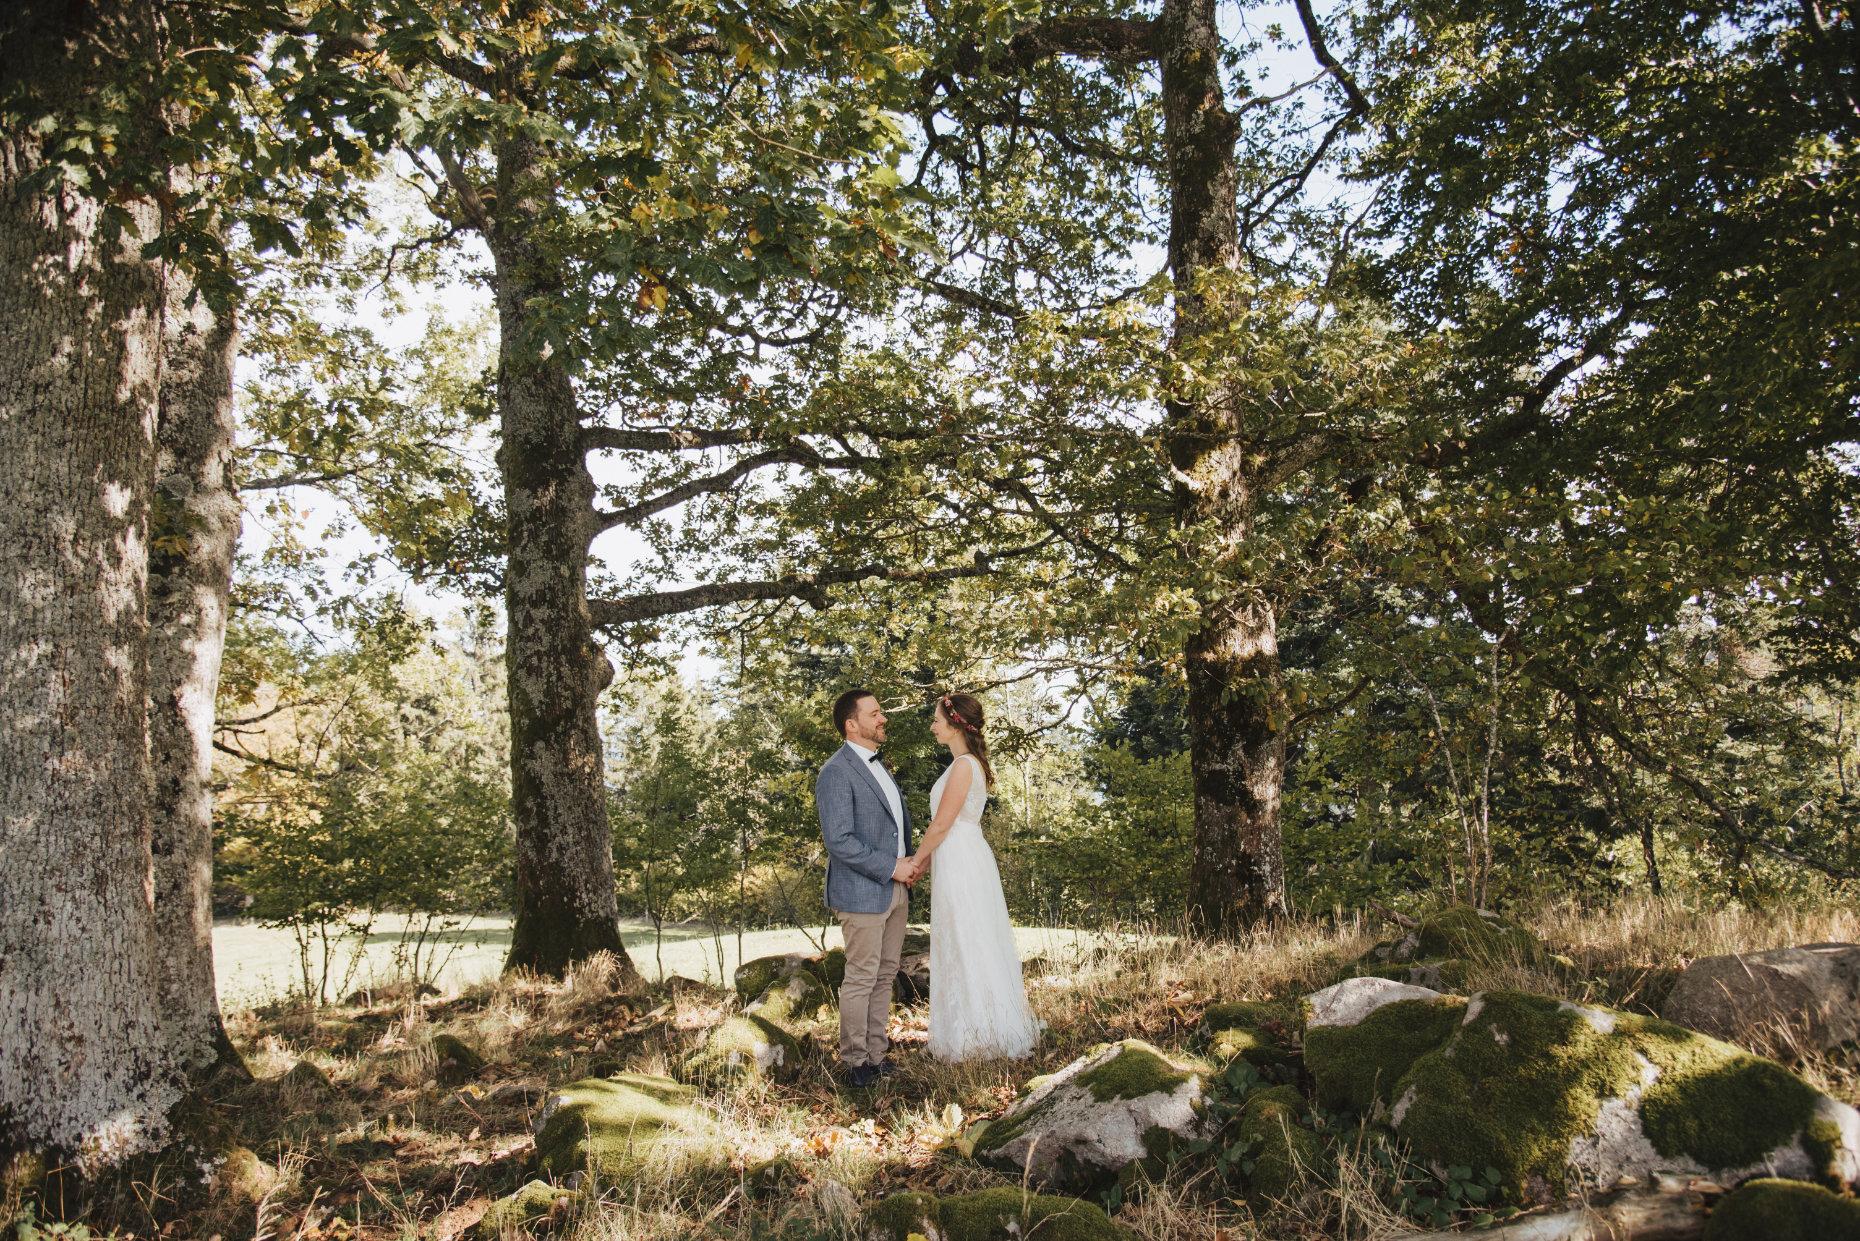 Hochzeitspaar unter Bäumen